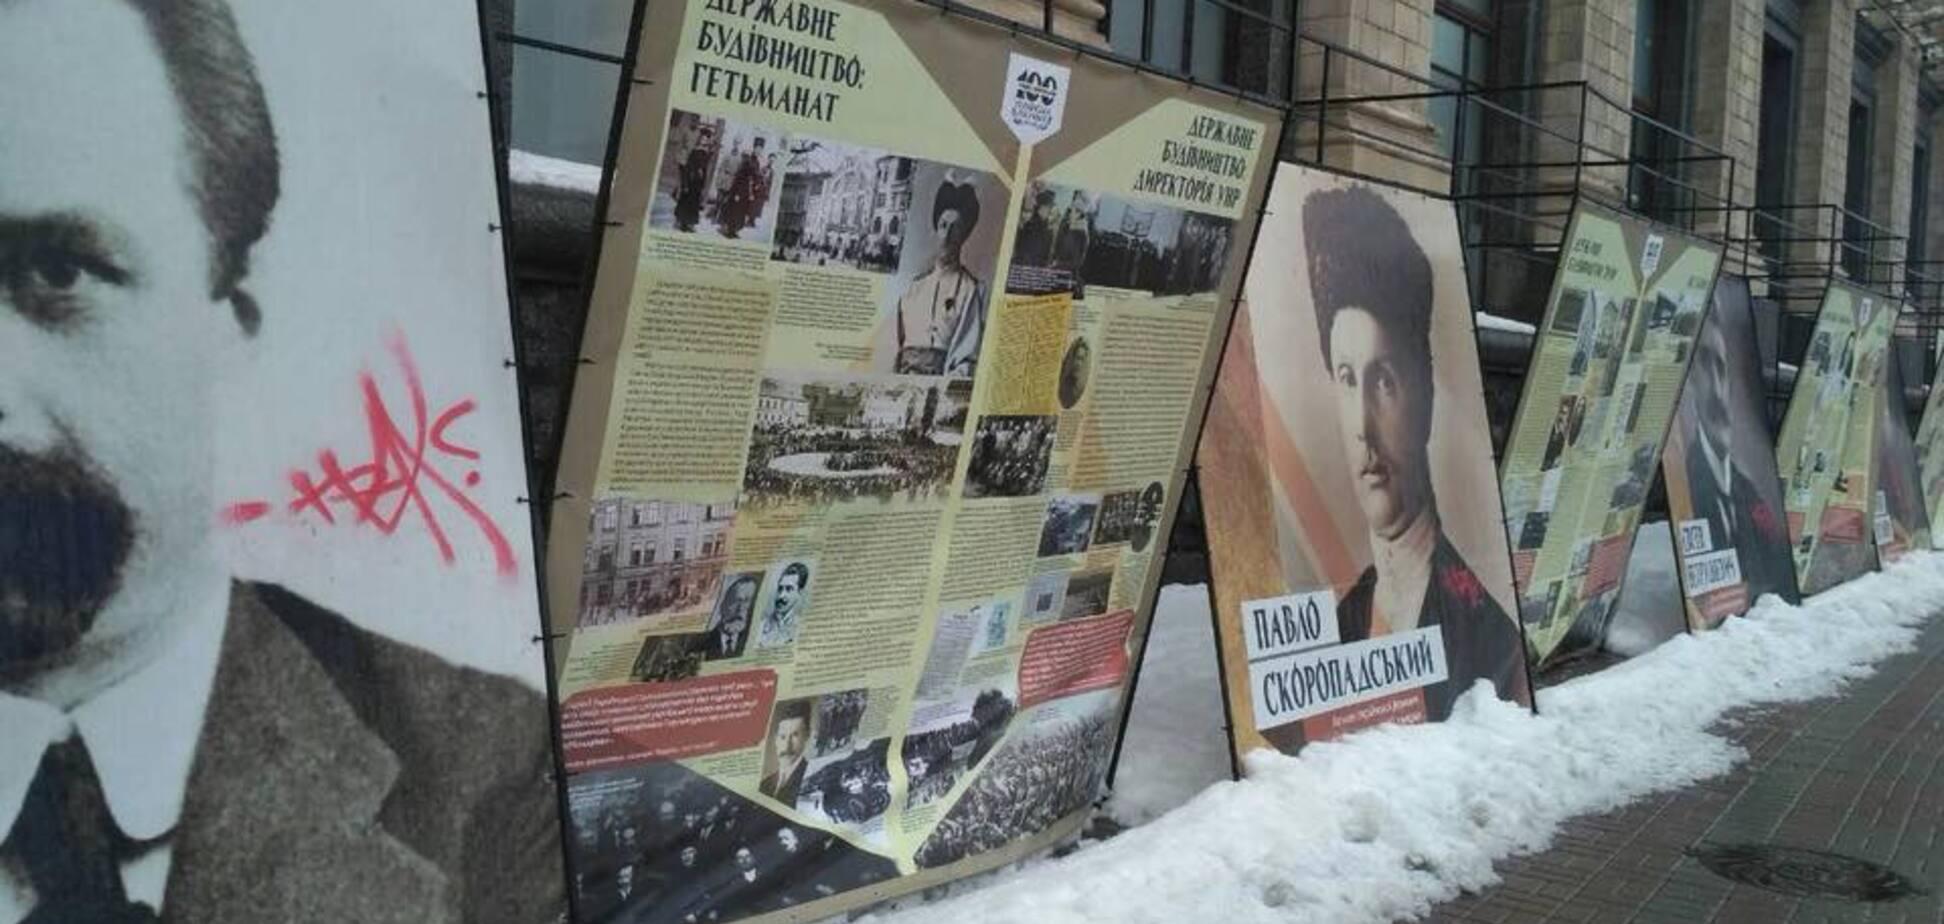 У самому центрі: киян шокував наліт вандалів на історичну виставку